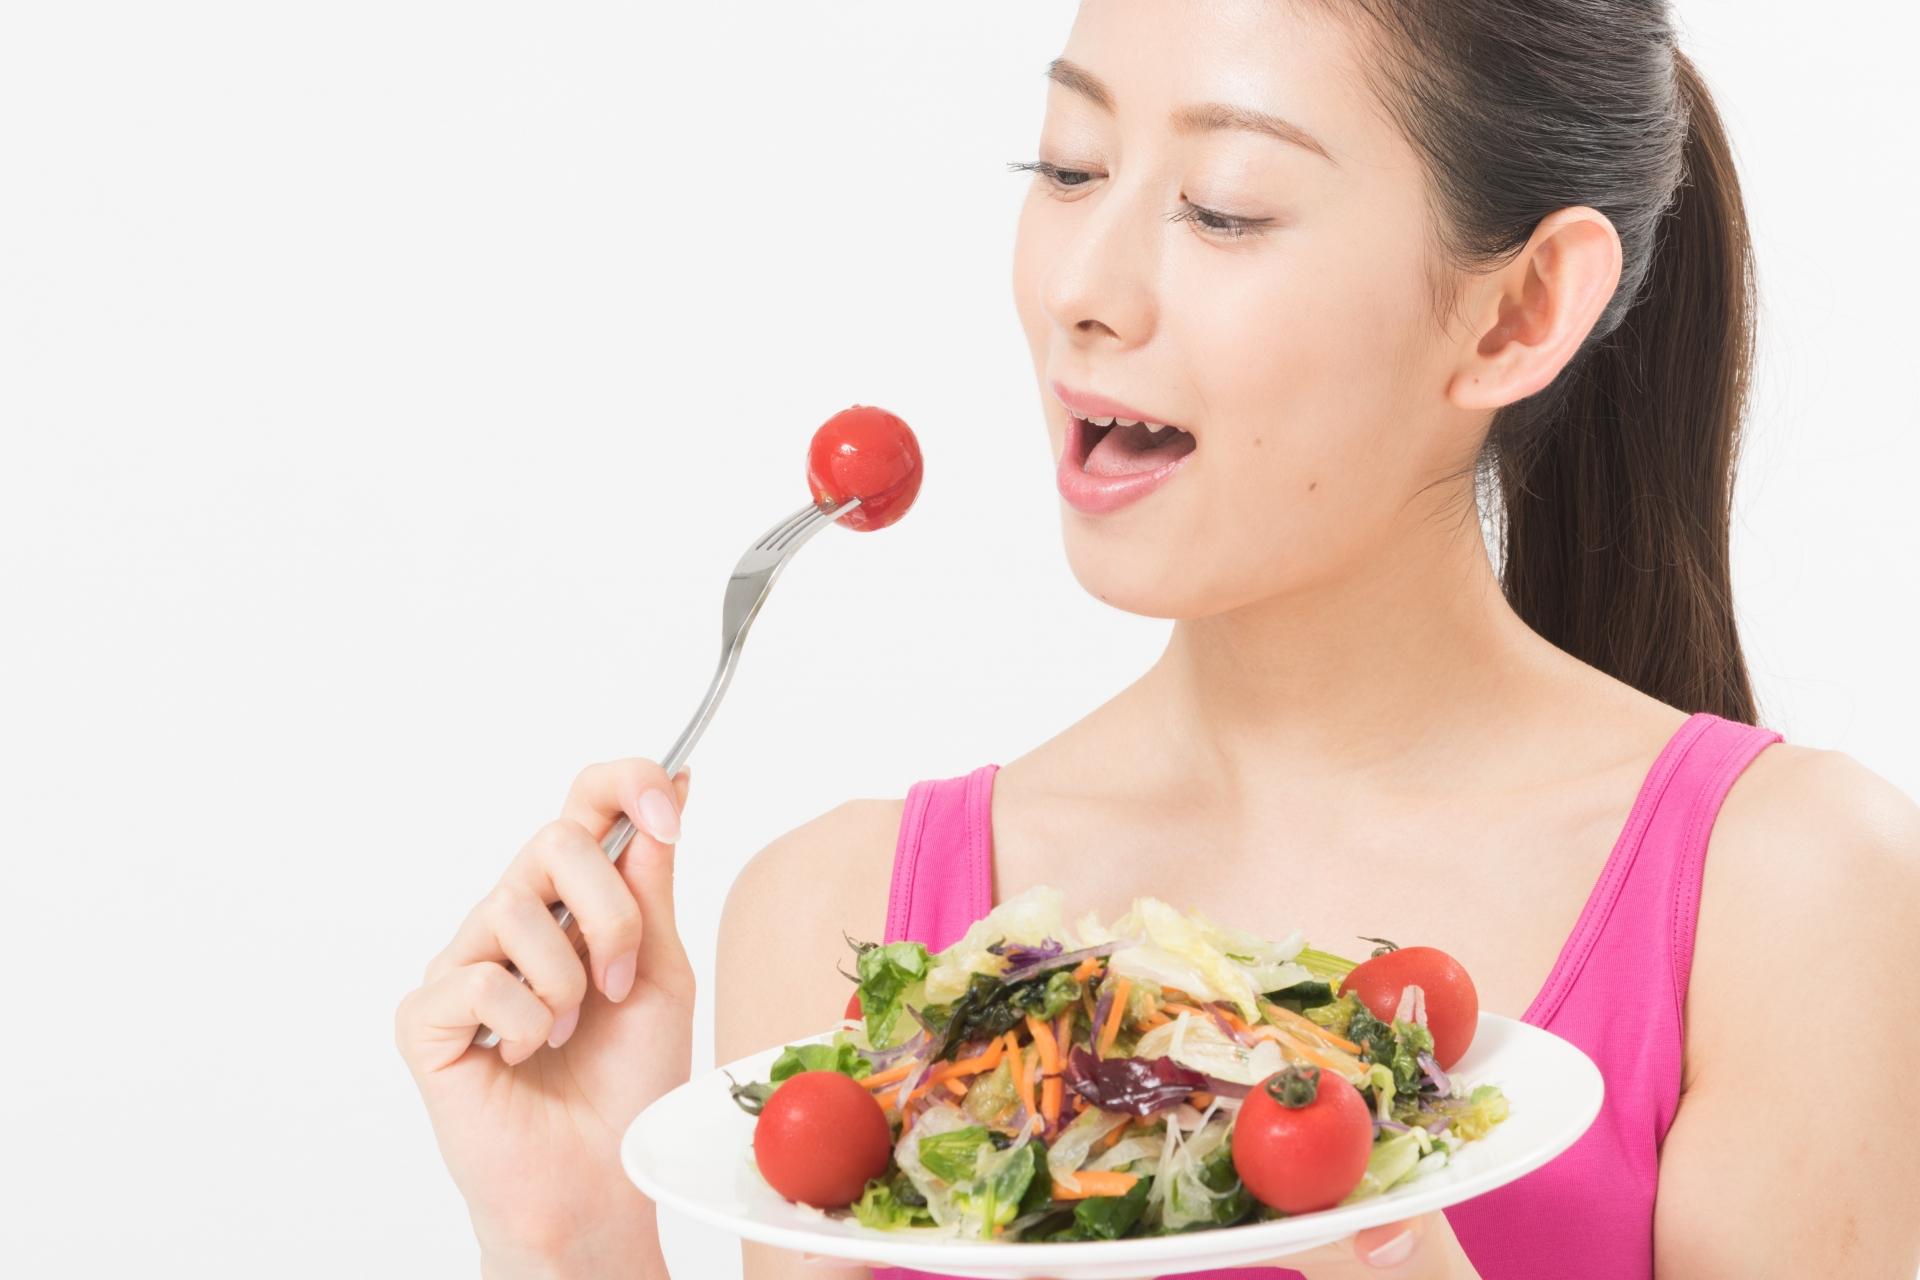 食べても太らない食事&美しく痩せるポイント